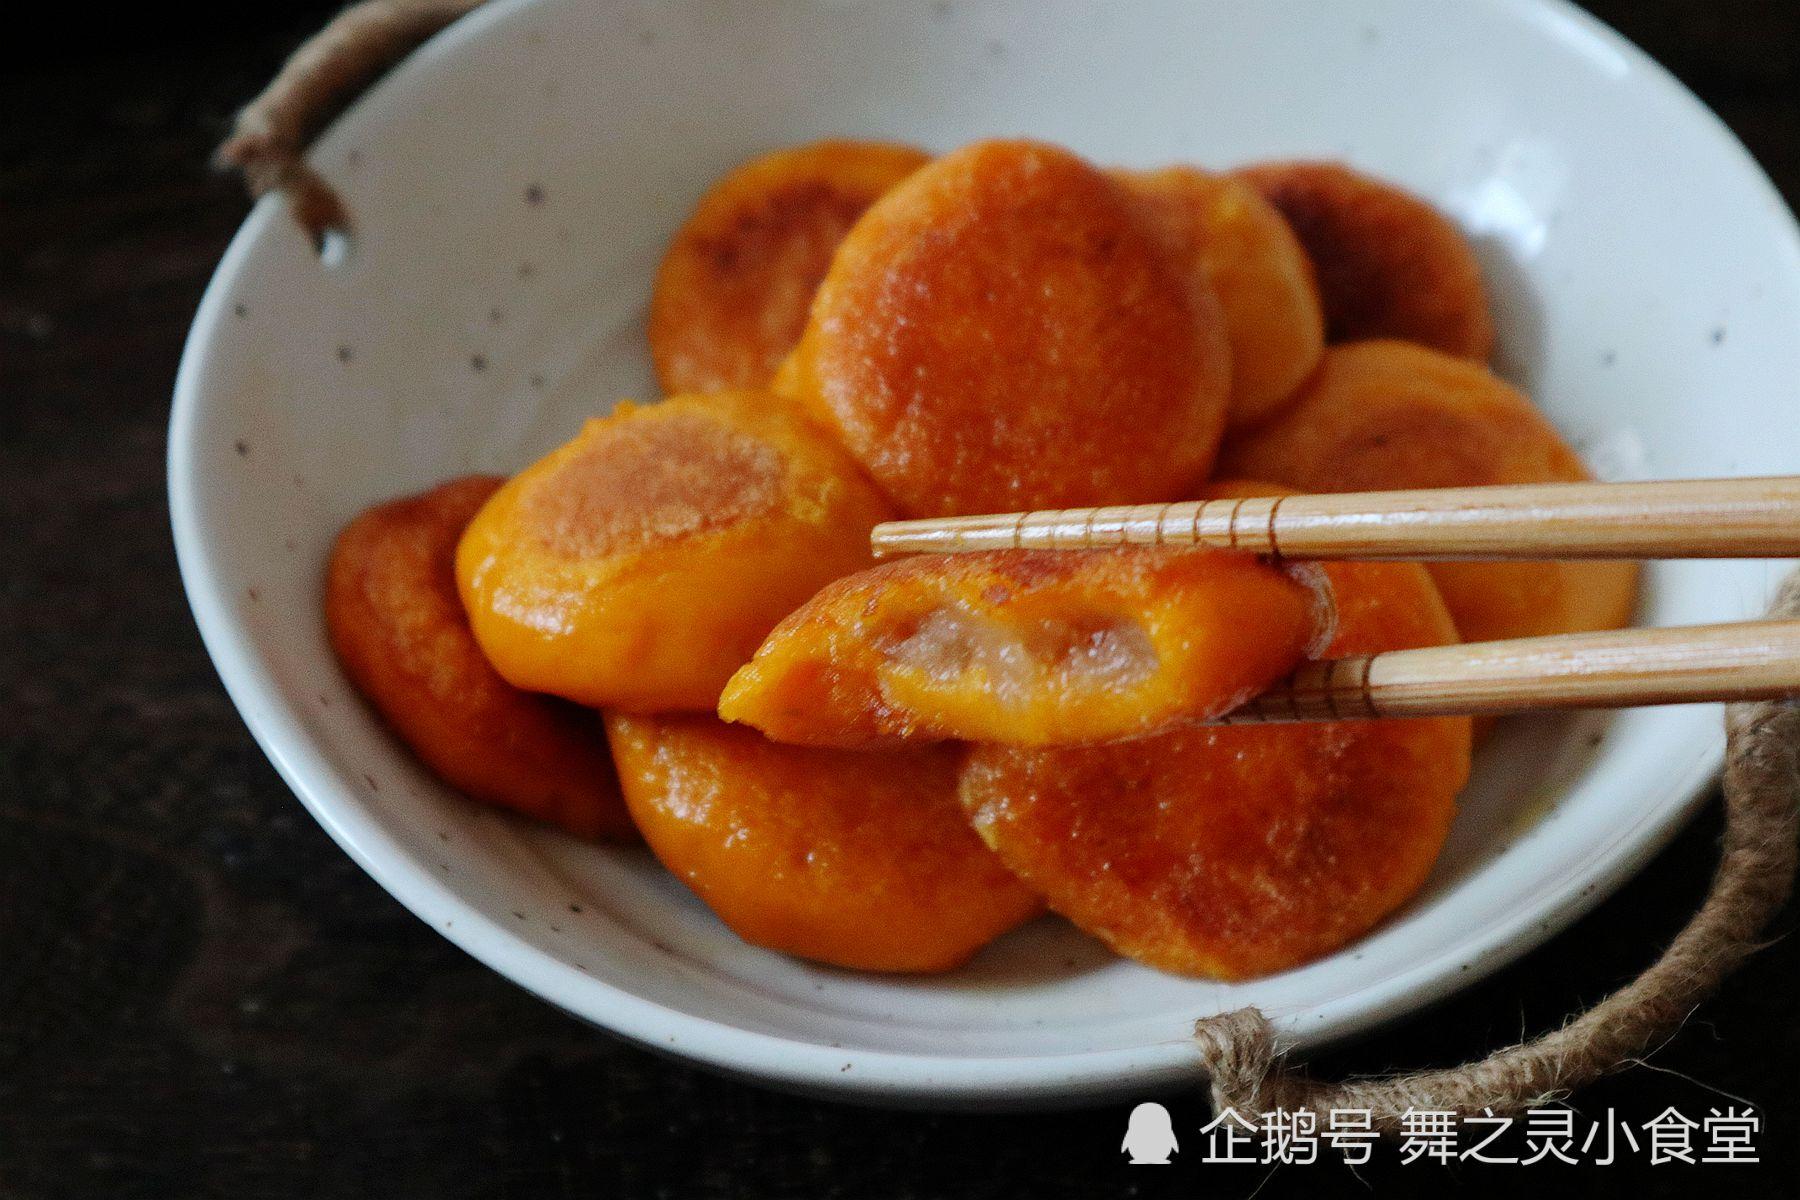 「苹果做法大全点心」立冬后多吃这瓜,做成6种点心,全家都爱吃,收藏了